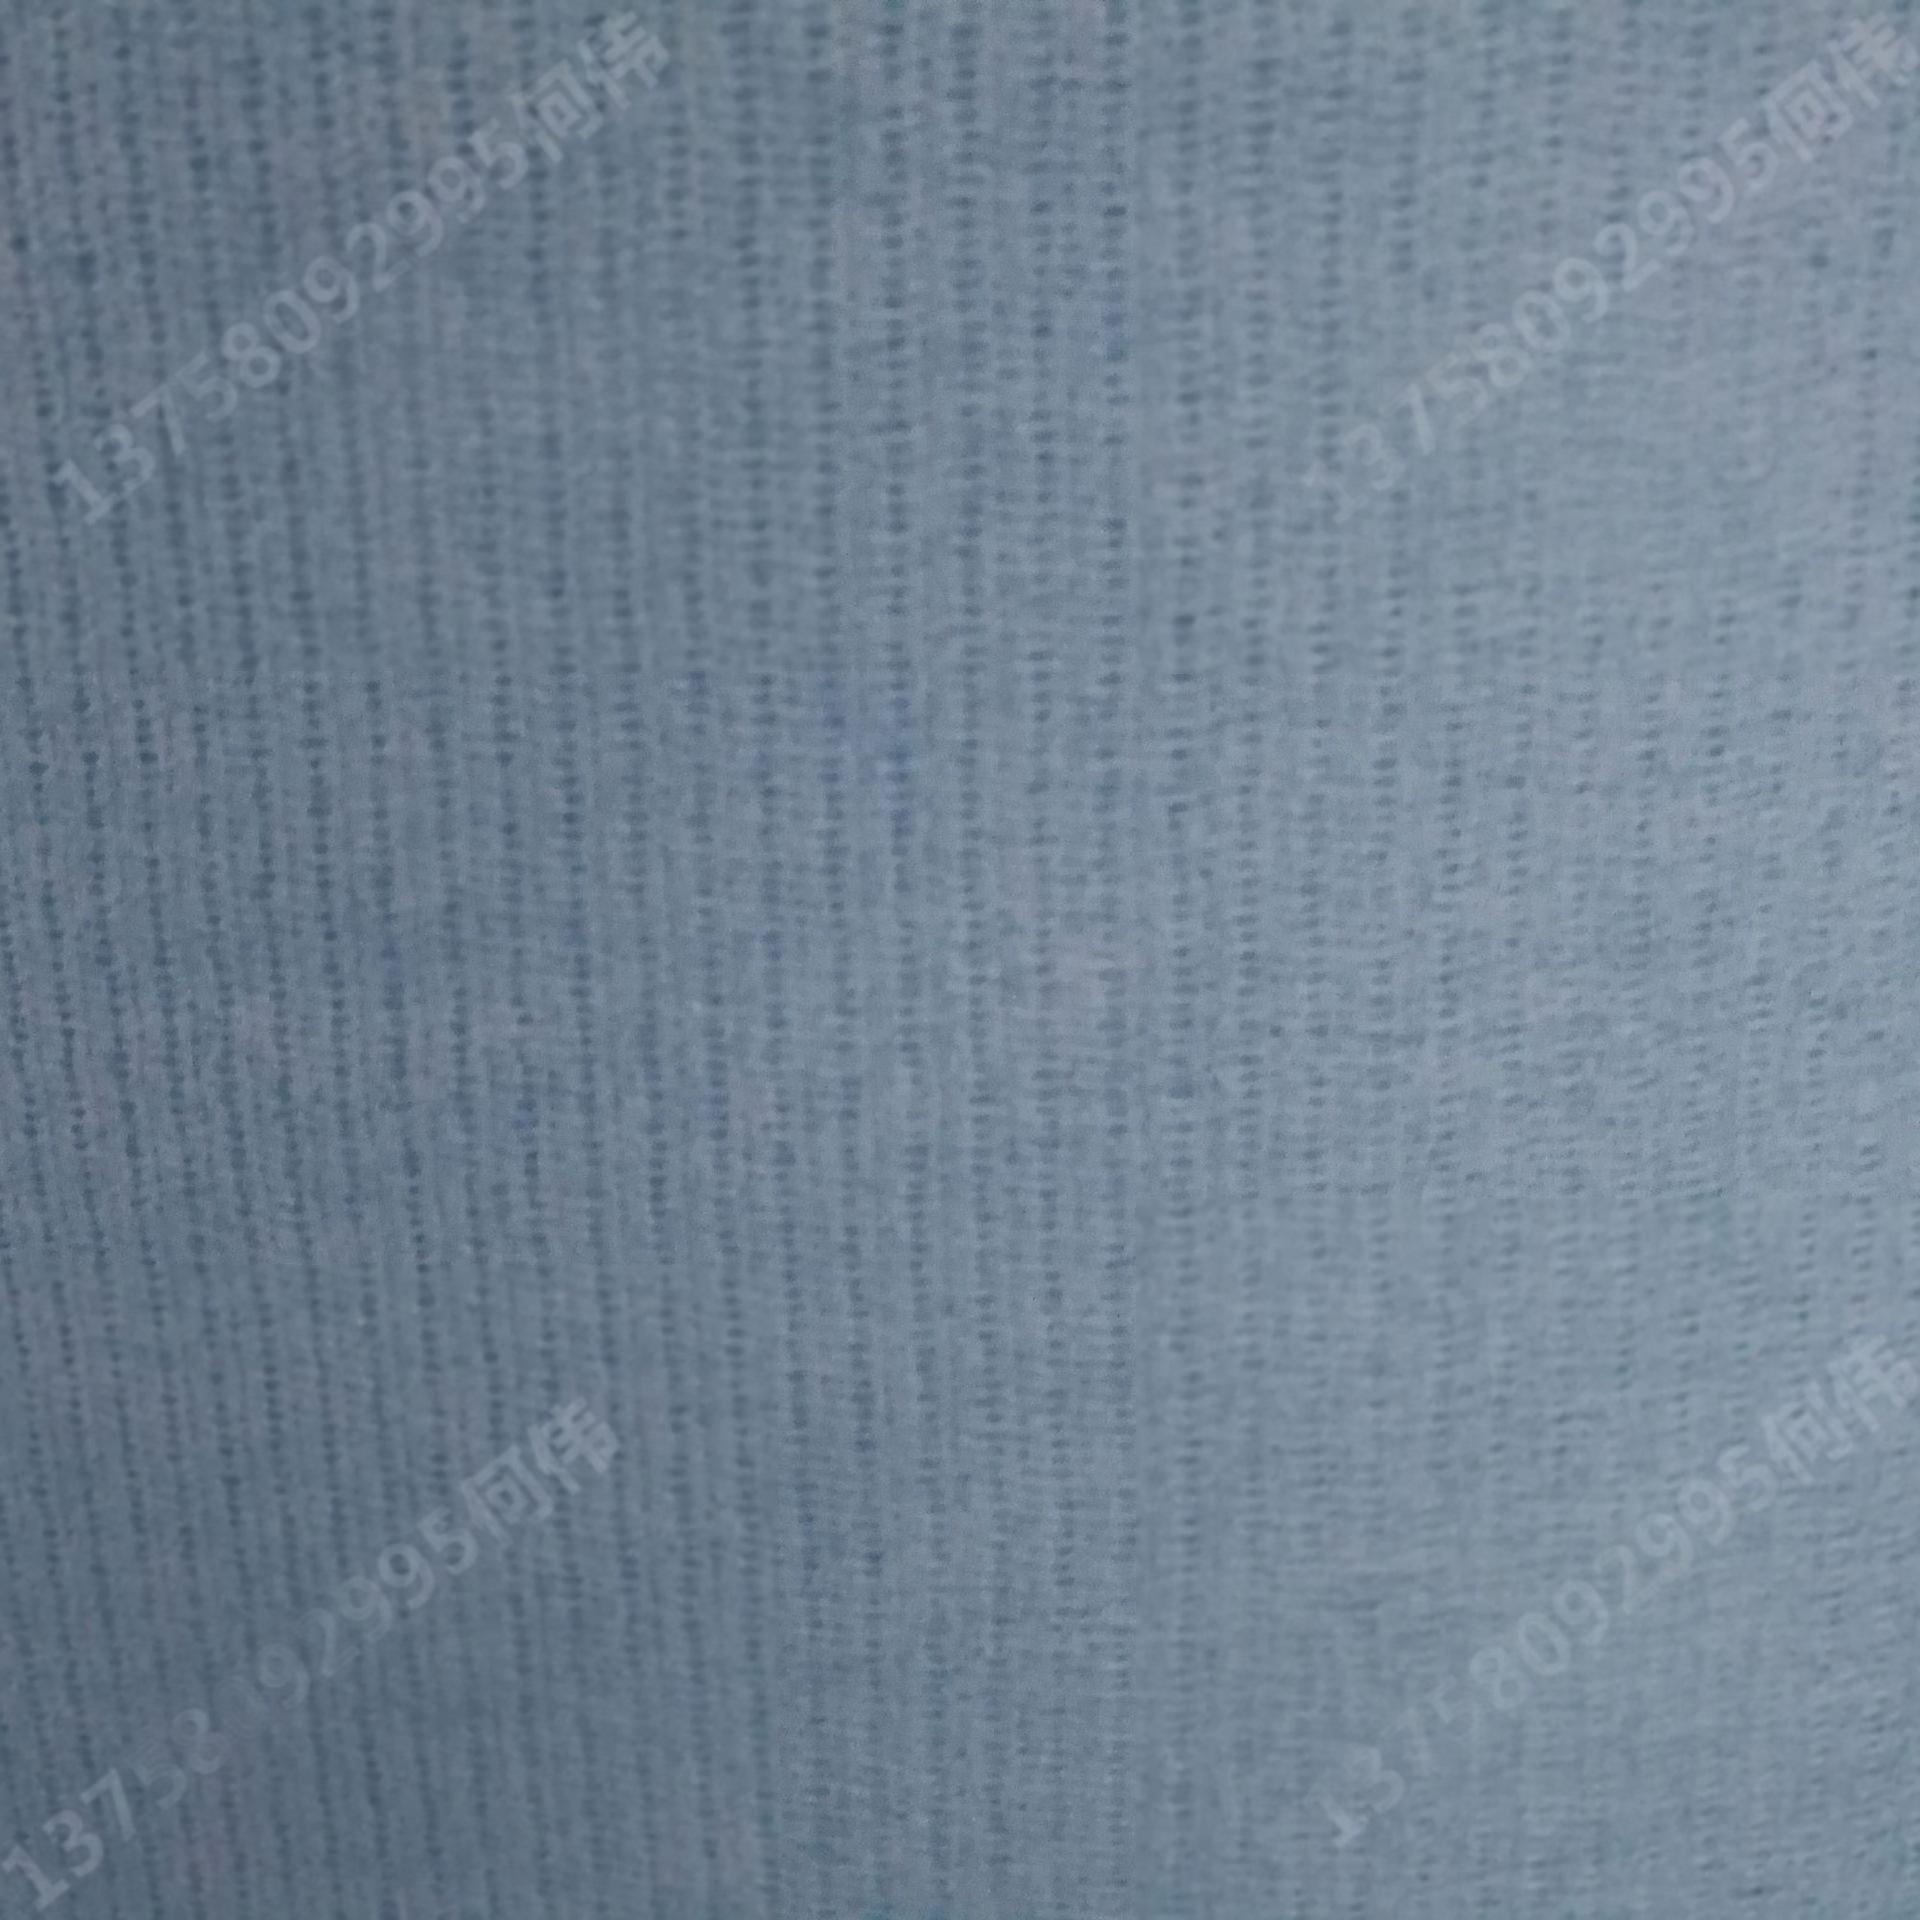 高强复合丝水刺无纺布